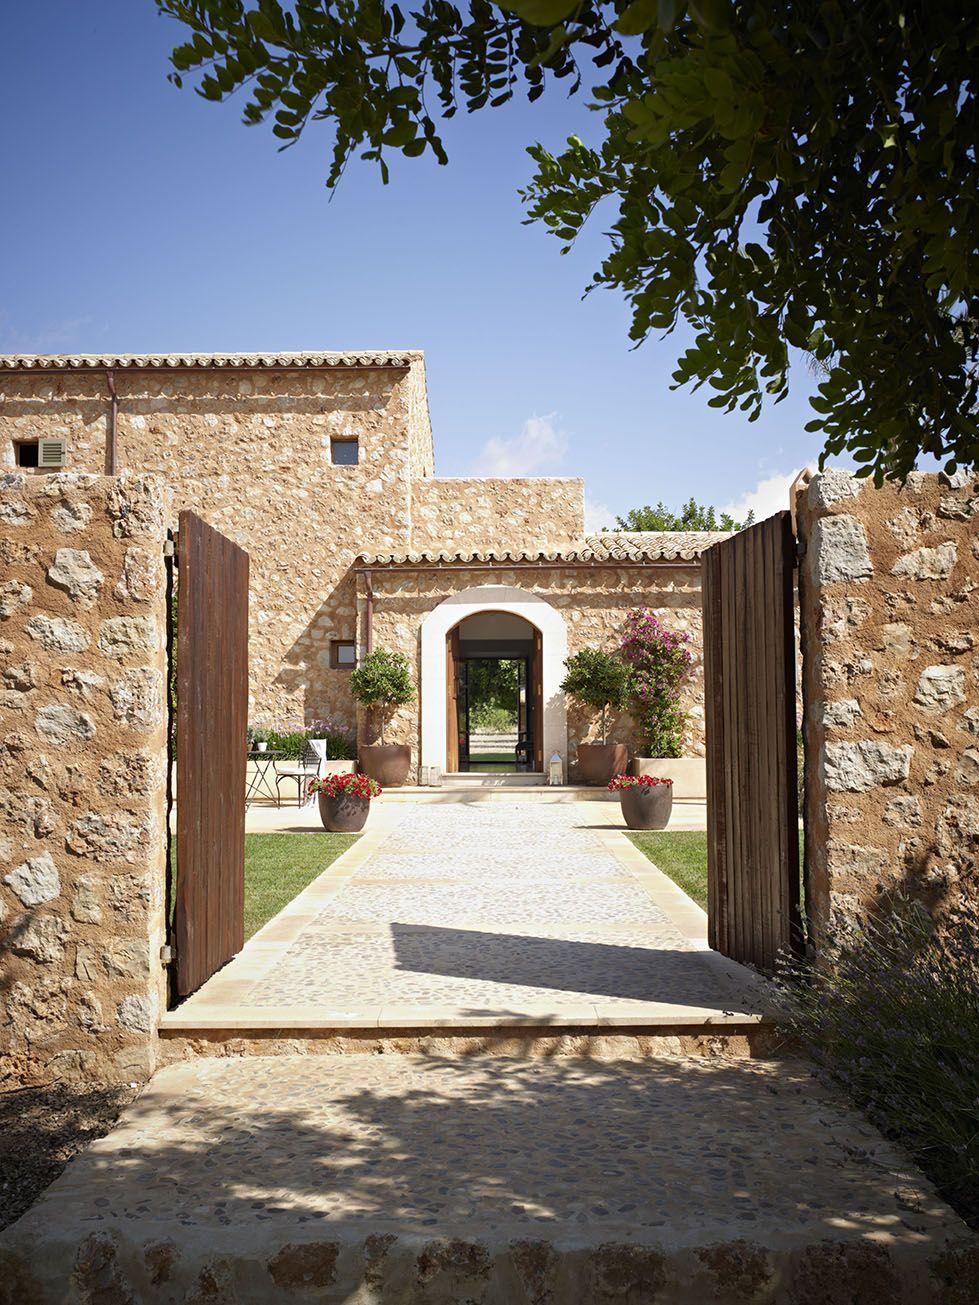 Peque a vivienda estilo tradicional exteriores r sticos e for Puertas para casas rusticas